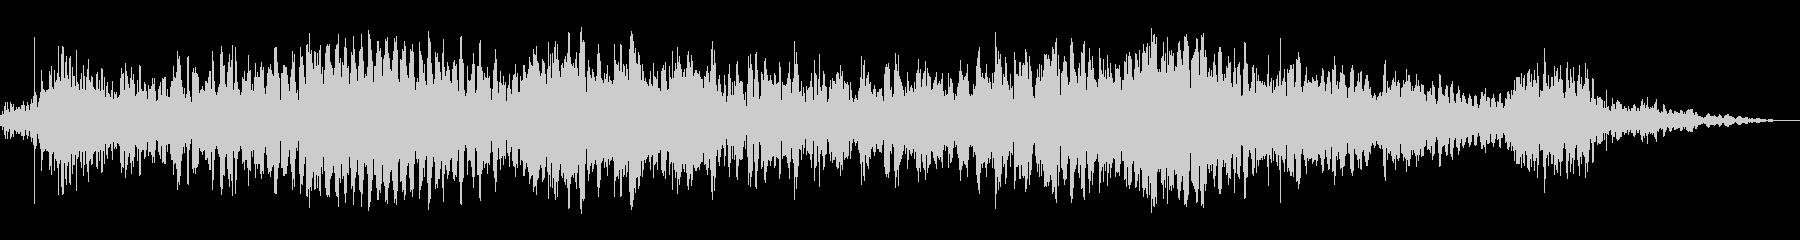 悪魔のような音声1の未再生の波形